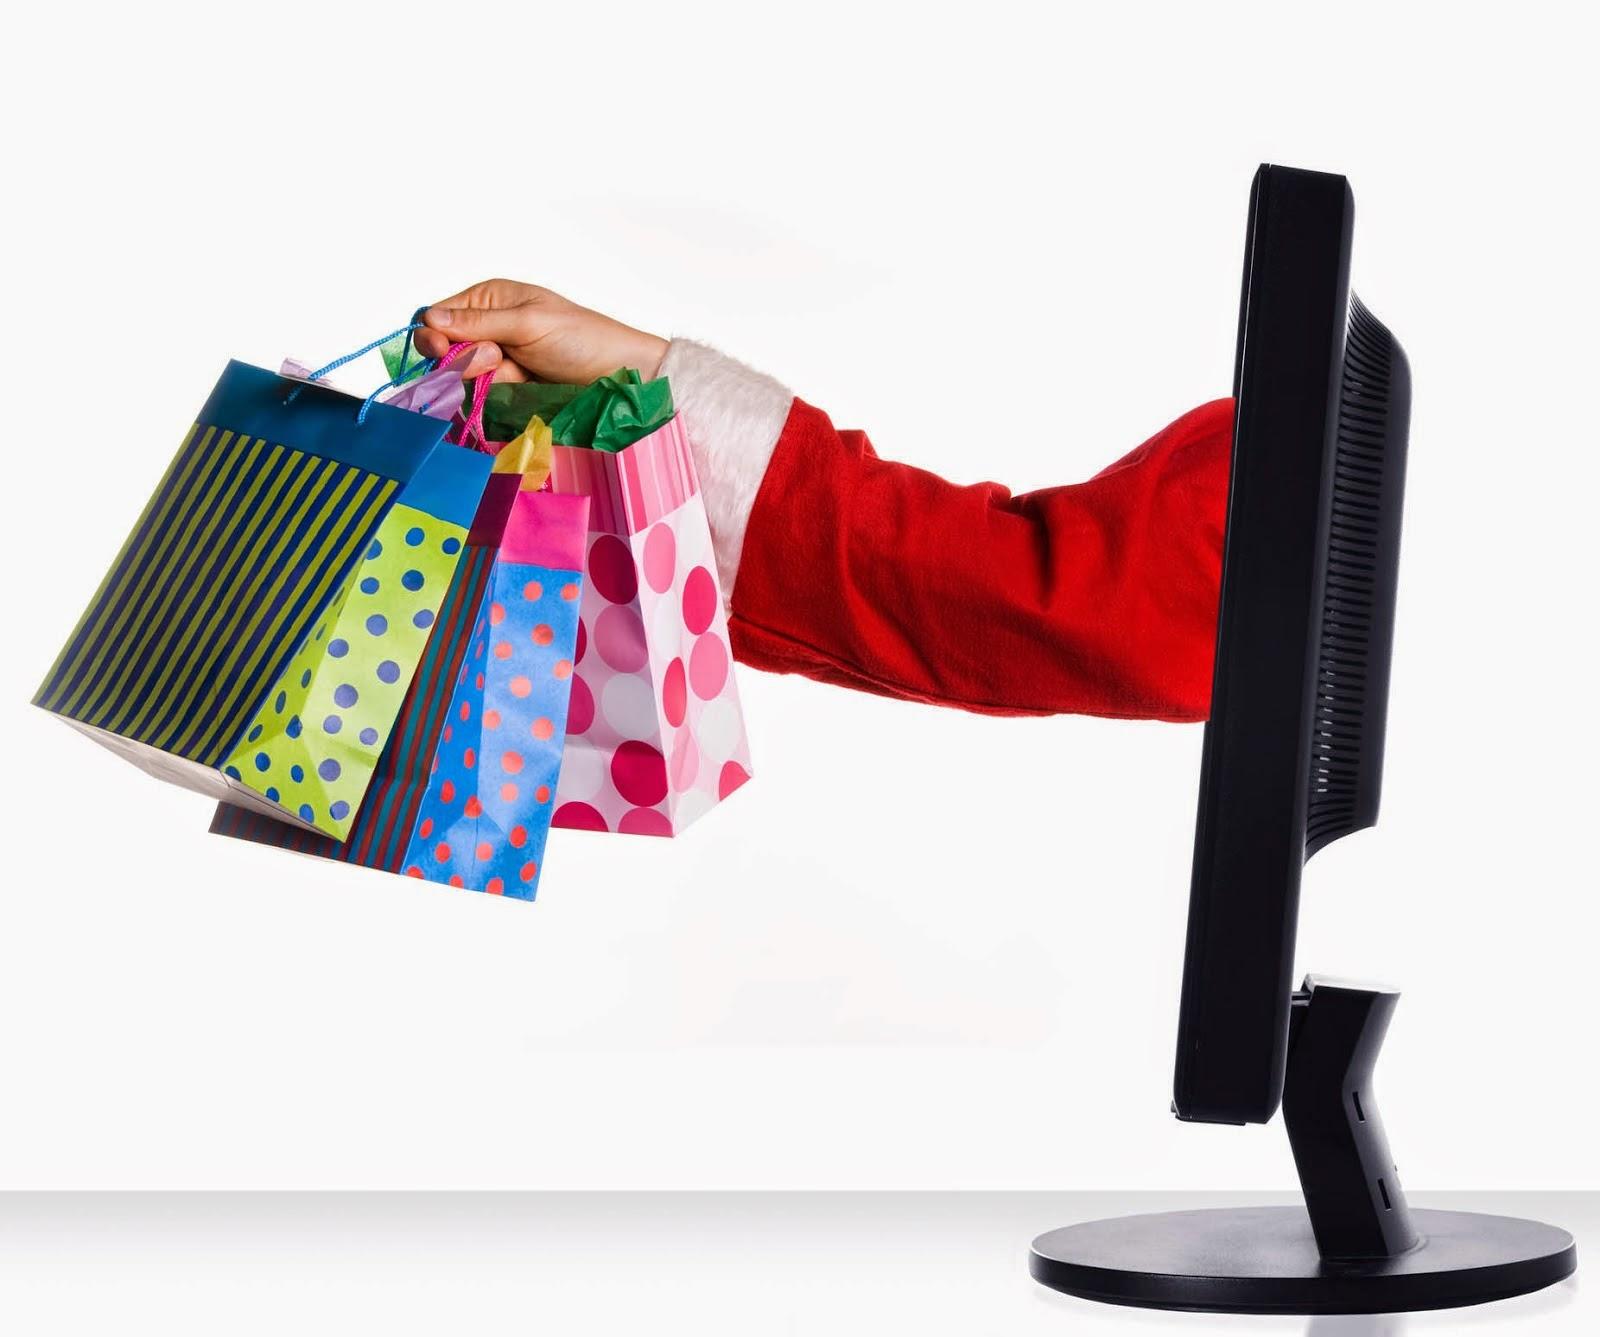 Cara aman Belanja Online, Tips aman Belanja Online, Belanja Online Aman, Testimoni belanja Online, Beli Online.